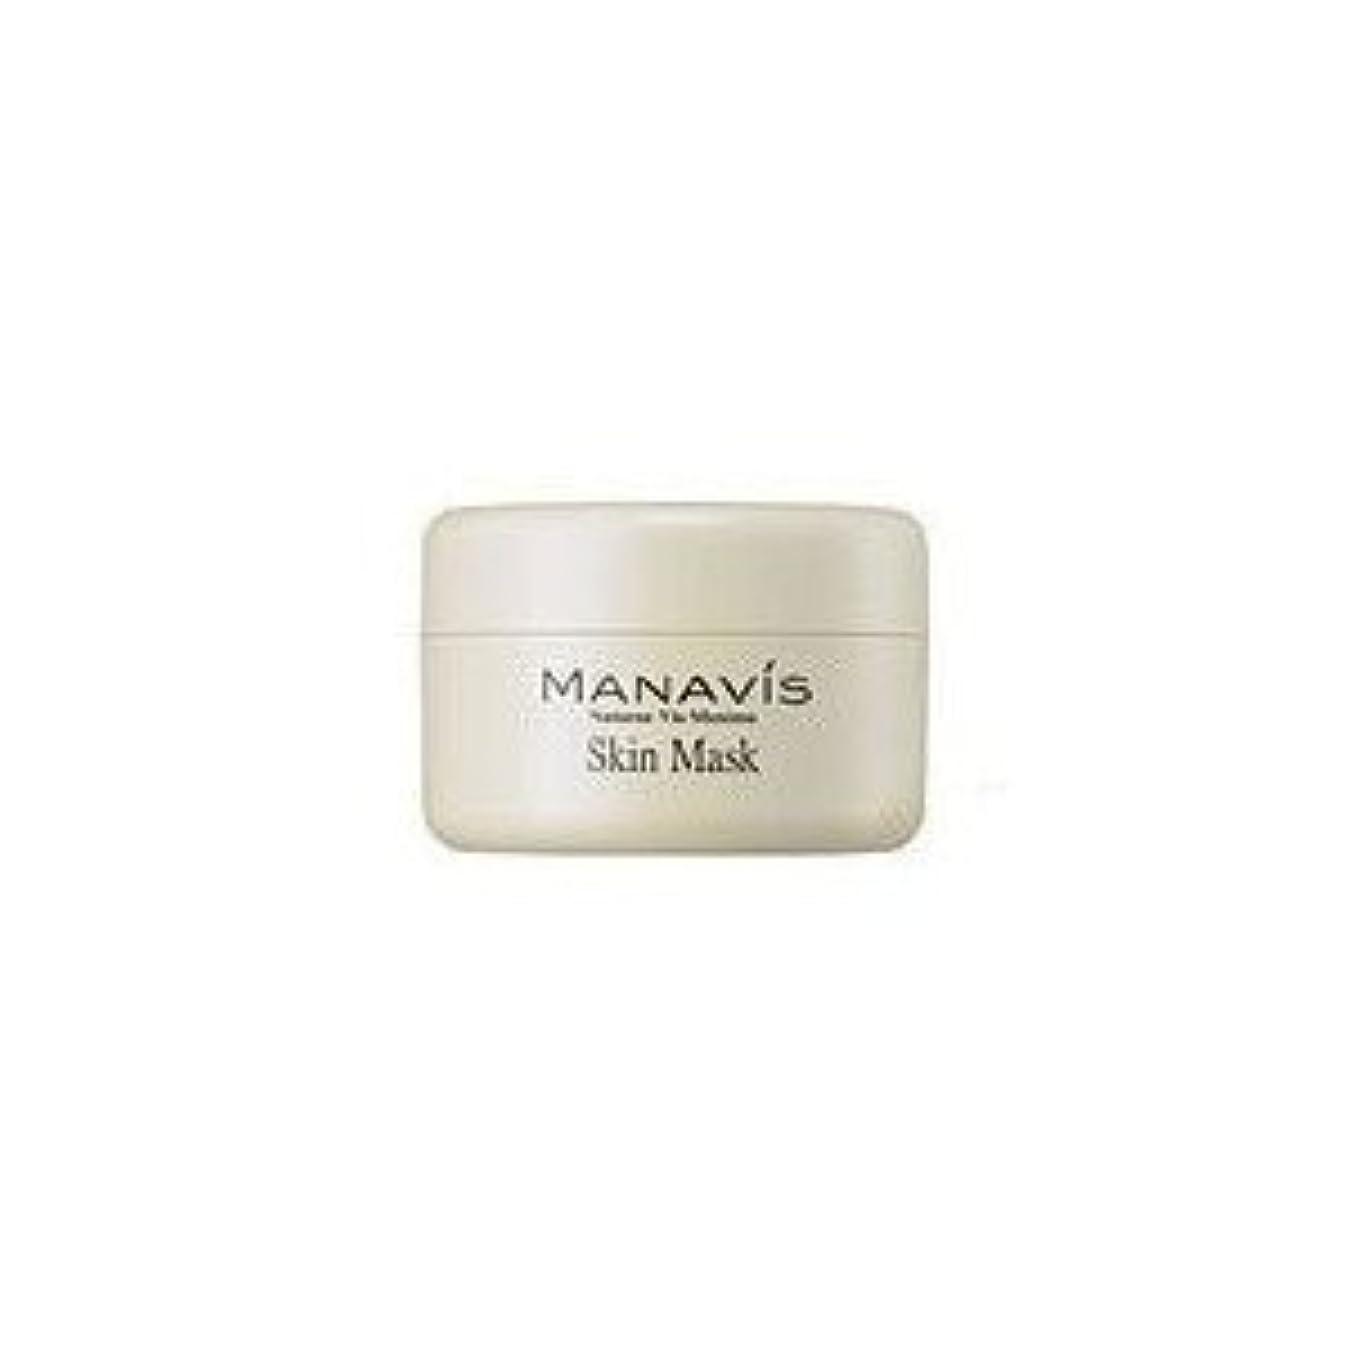 船形わなピクニックMANAVIS マナビス化粧品 薬用スキンマスク